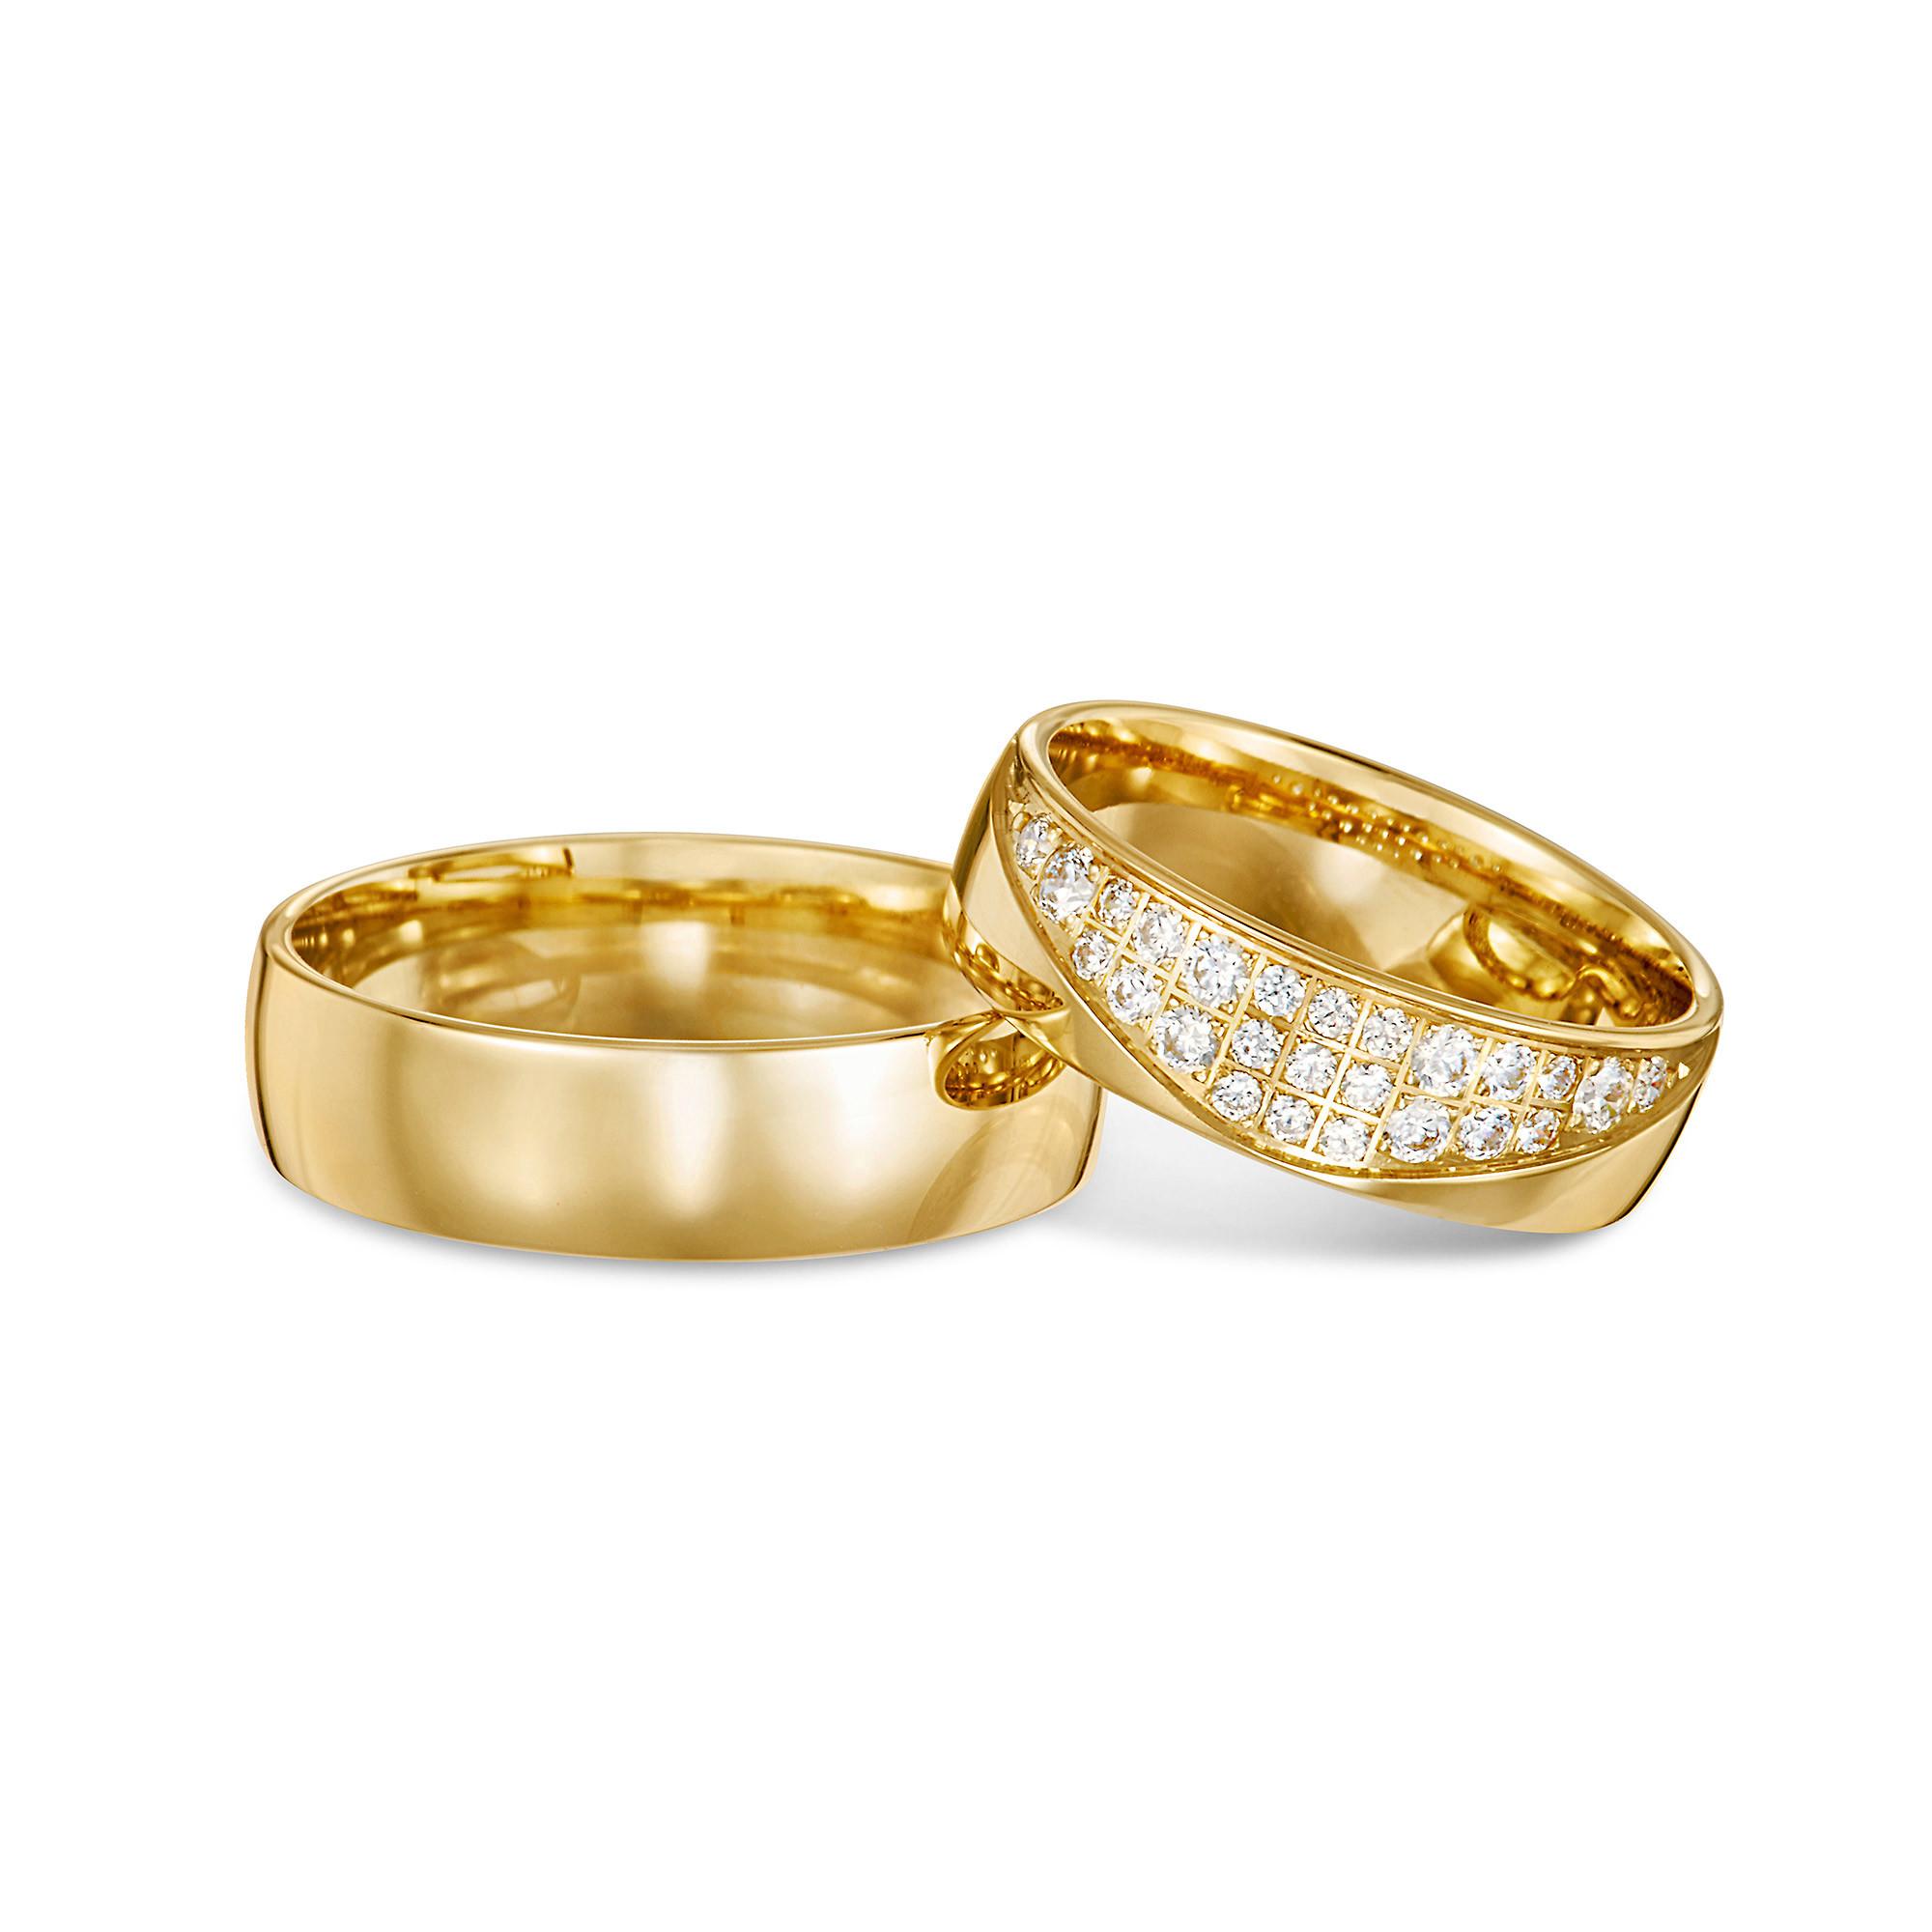 Obrączka ślubna z żółtego złota B111